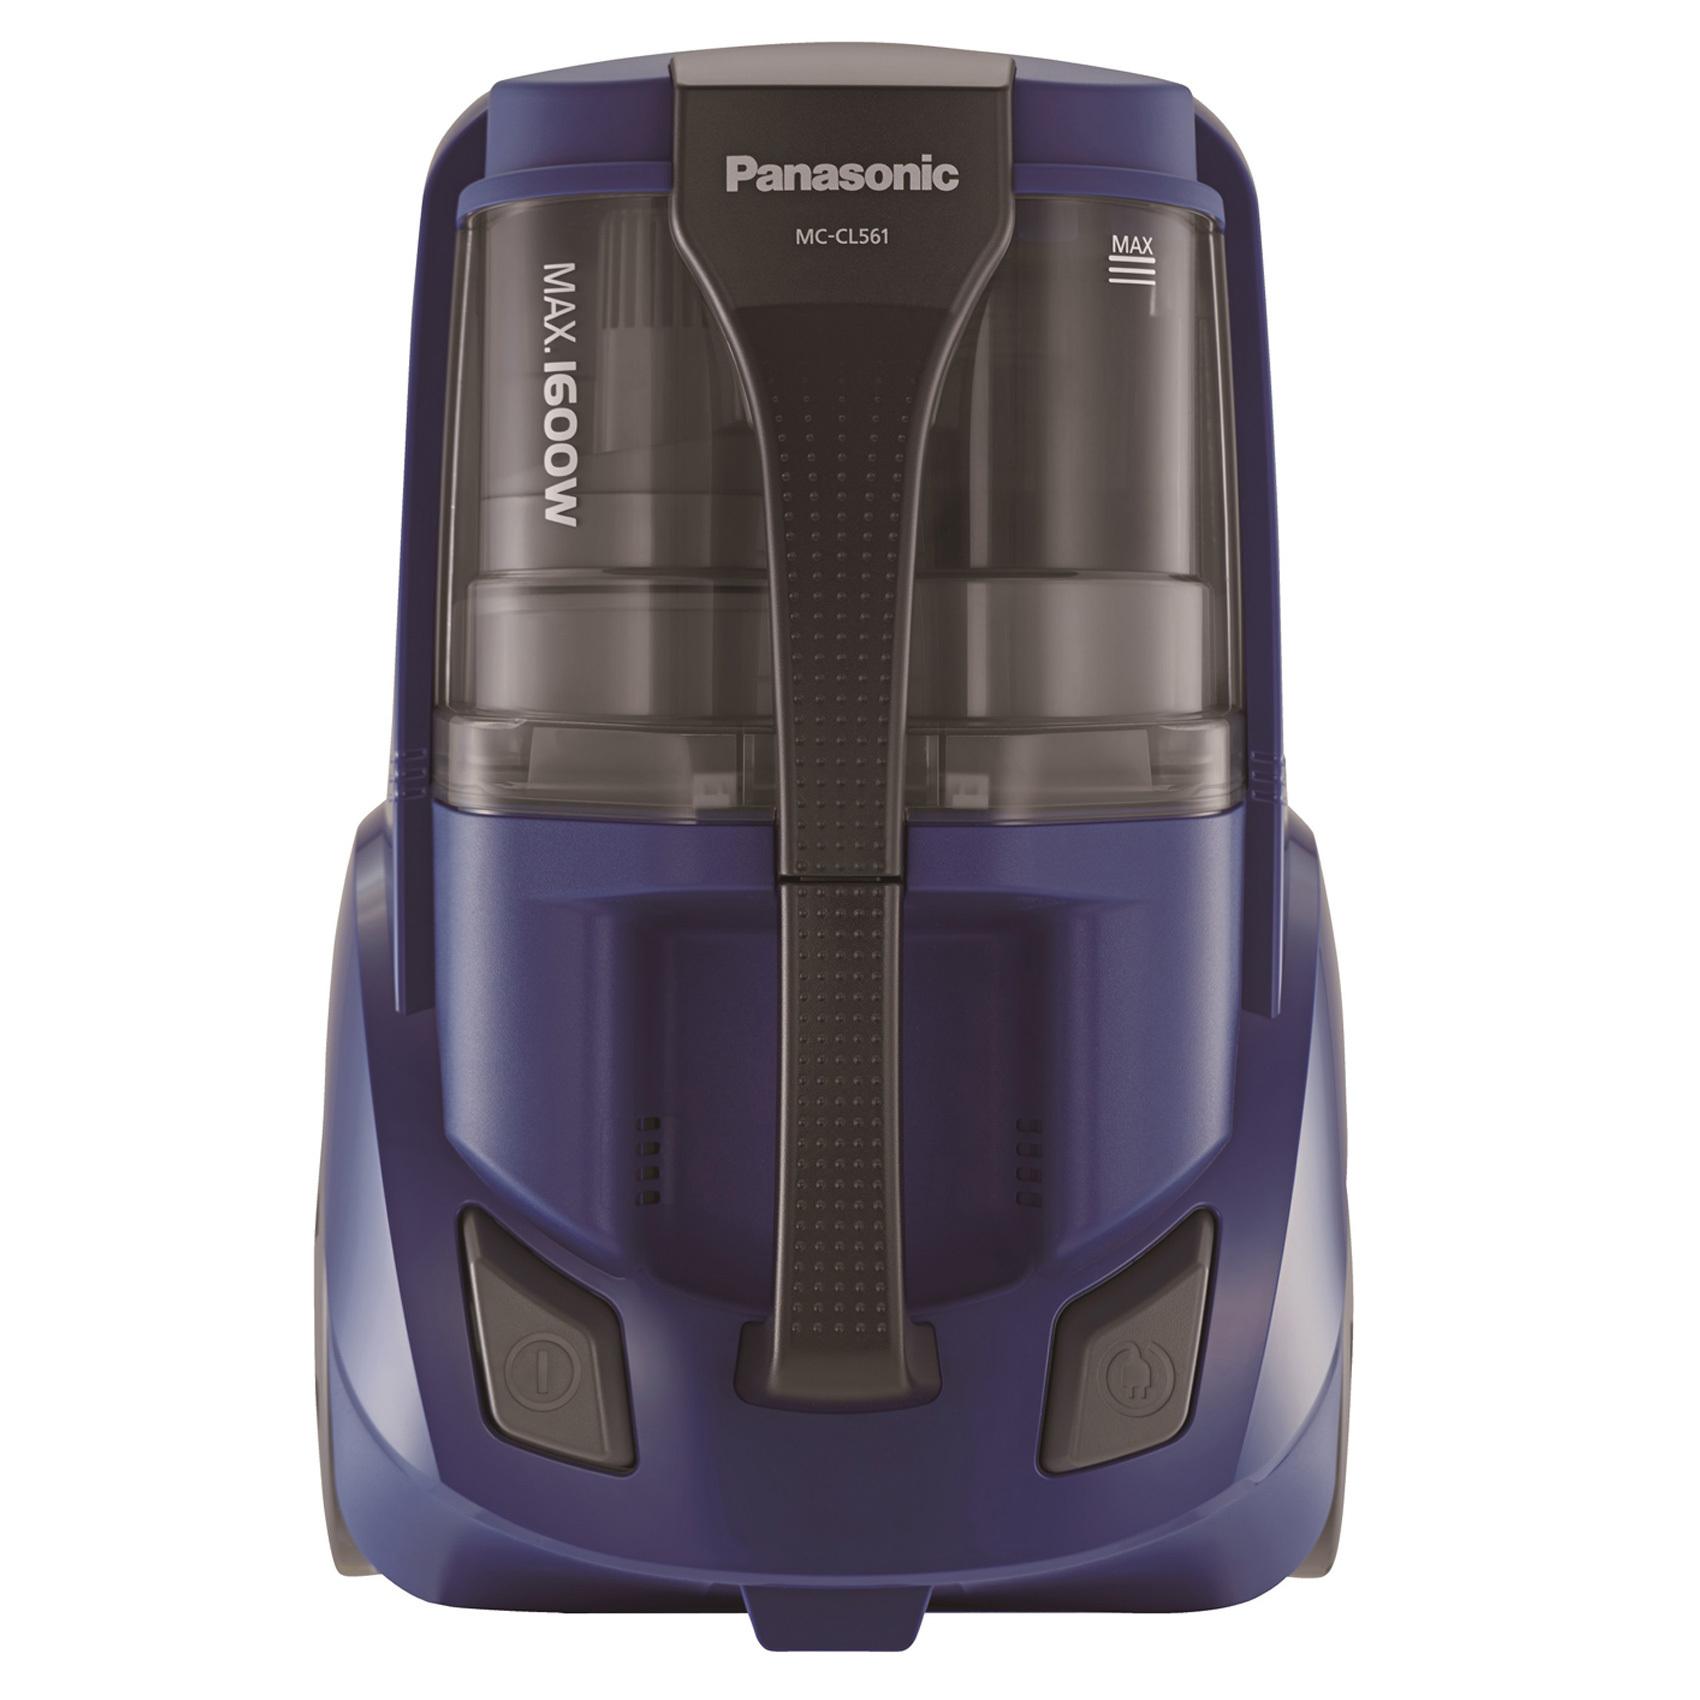 PANASONIC V-CLEANER DRY MCCL561